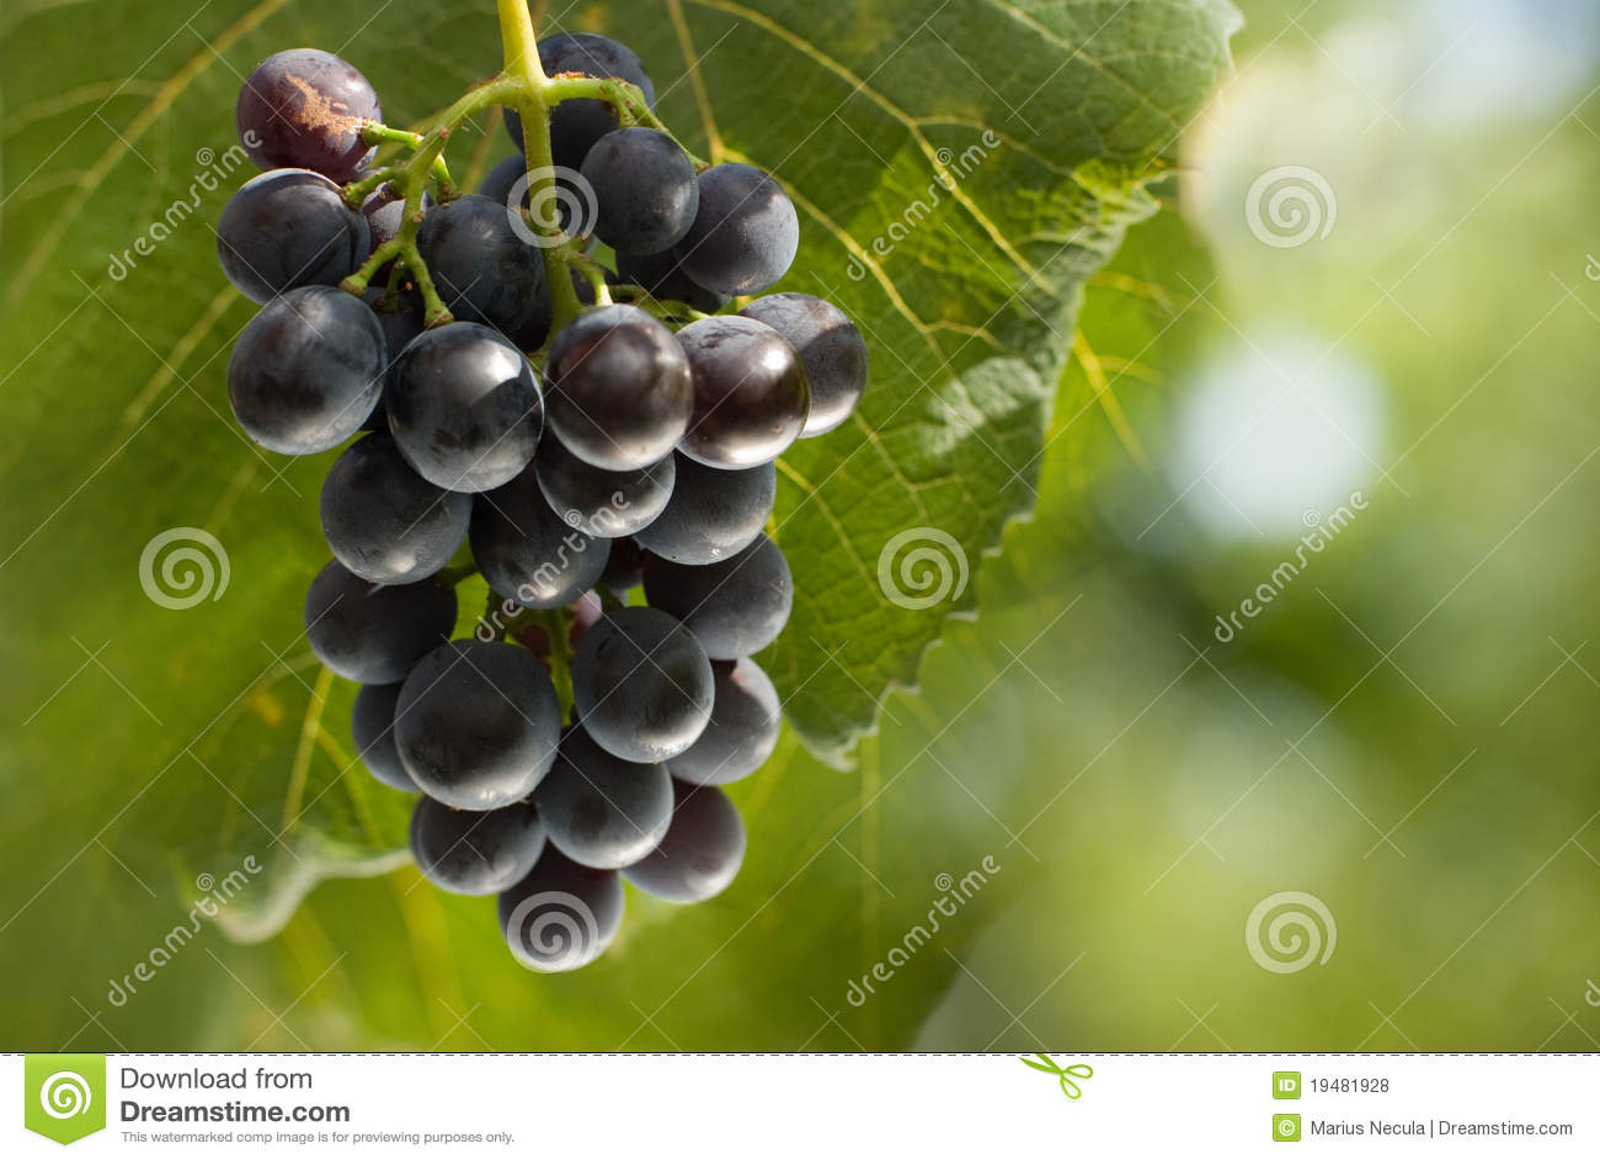 Manojo de uvas en viñedo